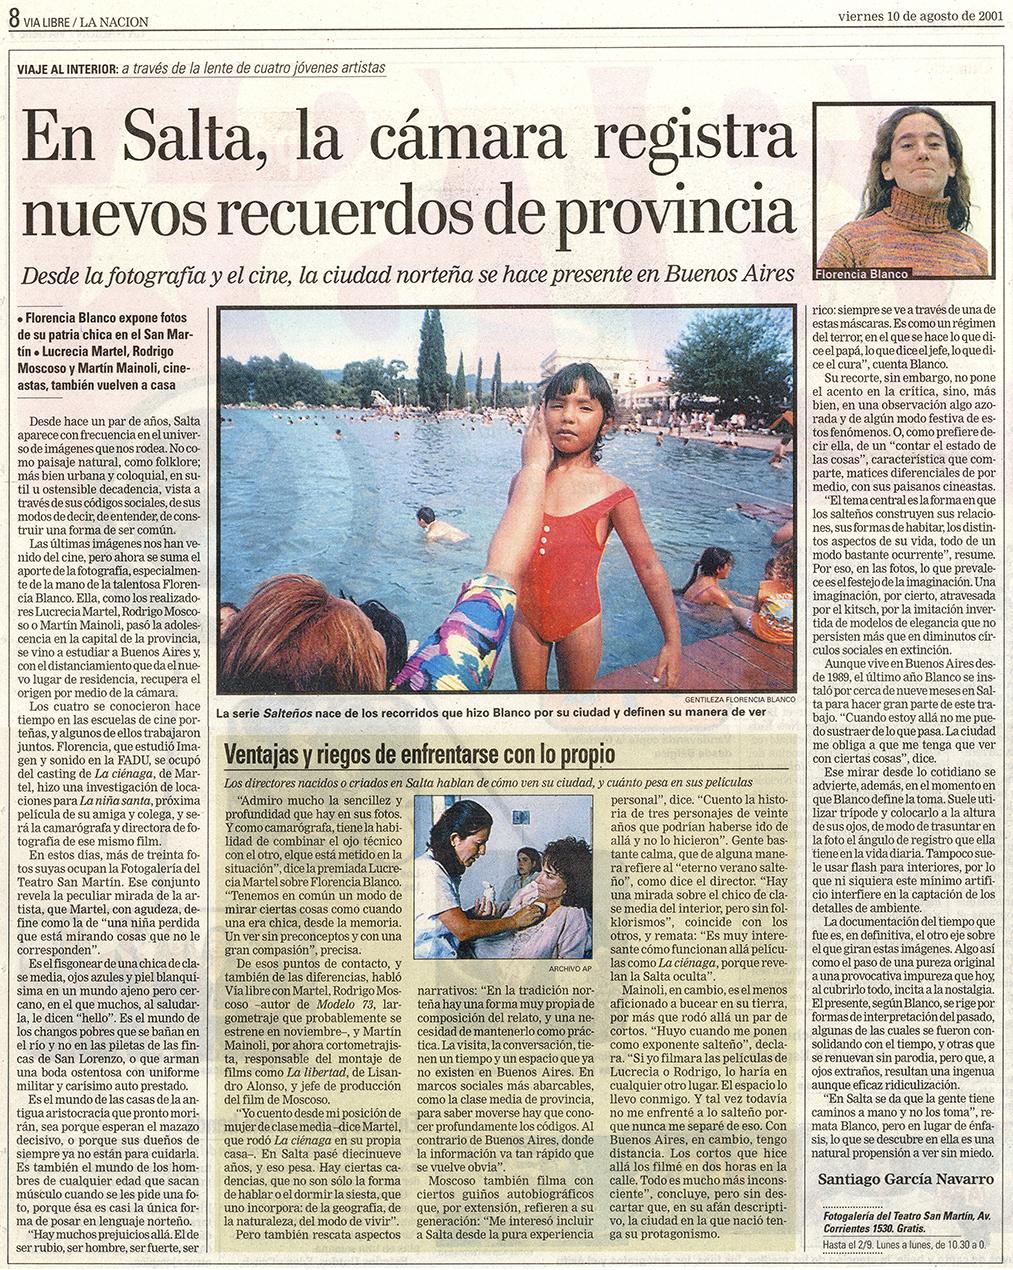 <strong>Diario La Nación</strong> 2001